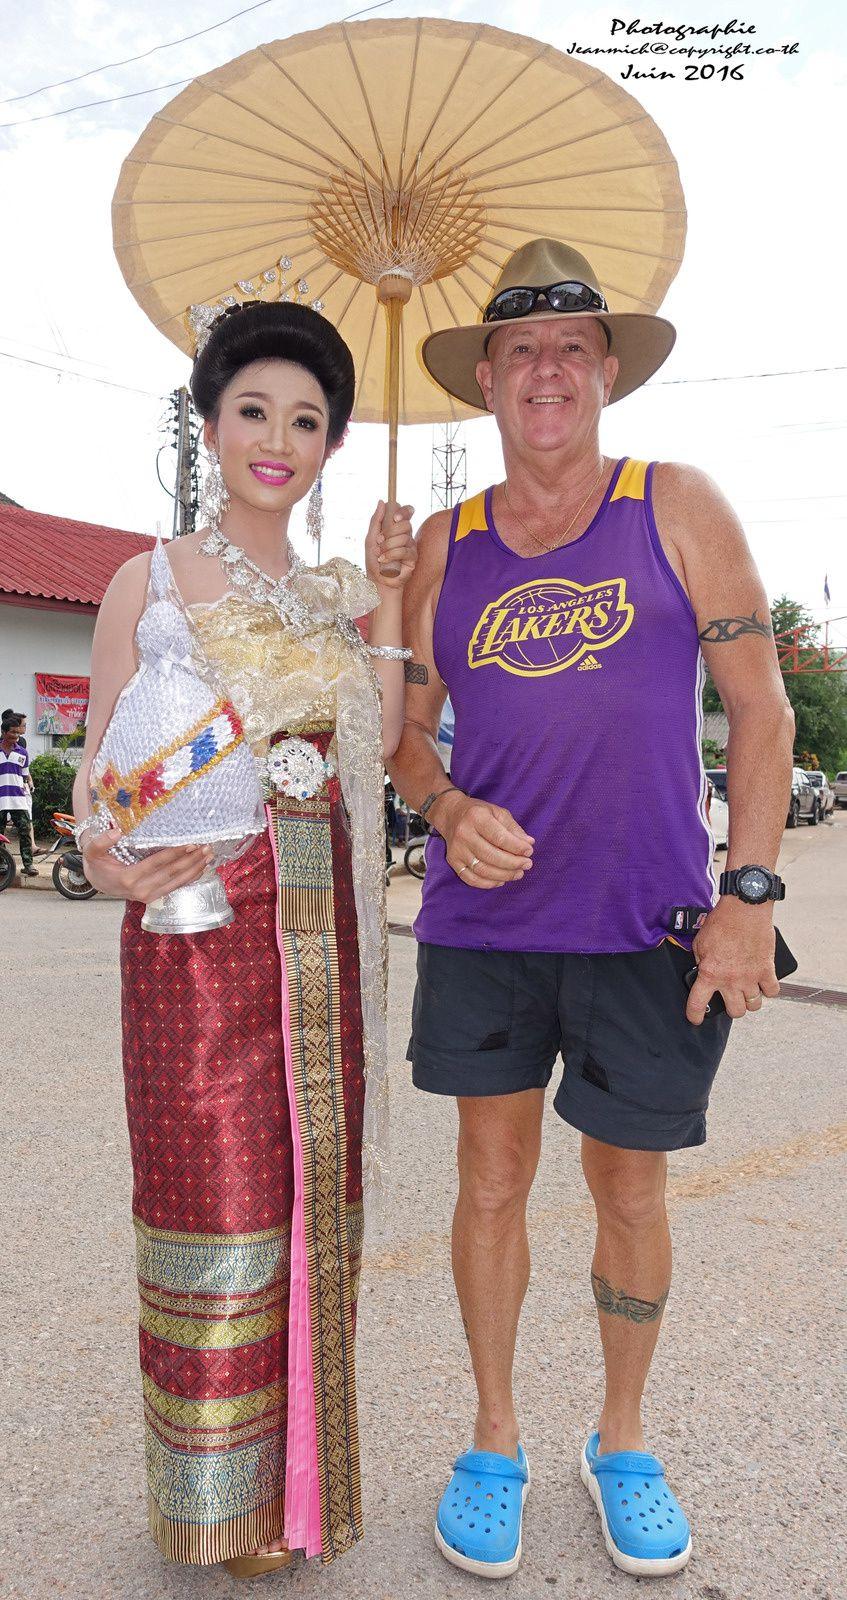 Mon ami Australien pose avec une charmante jeune femme....